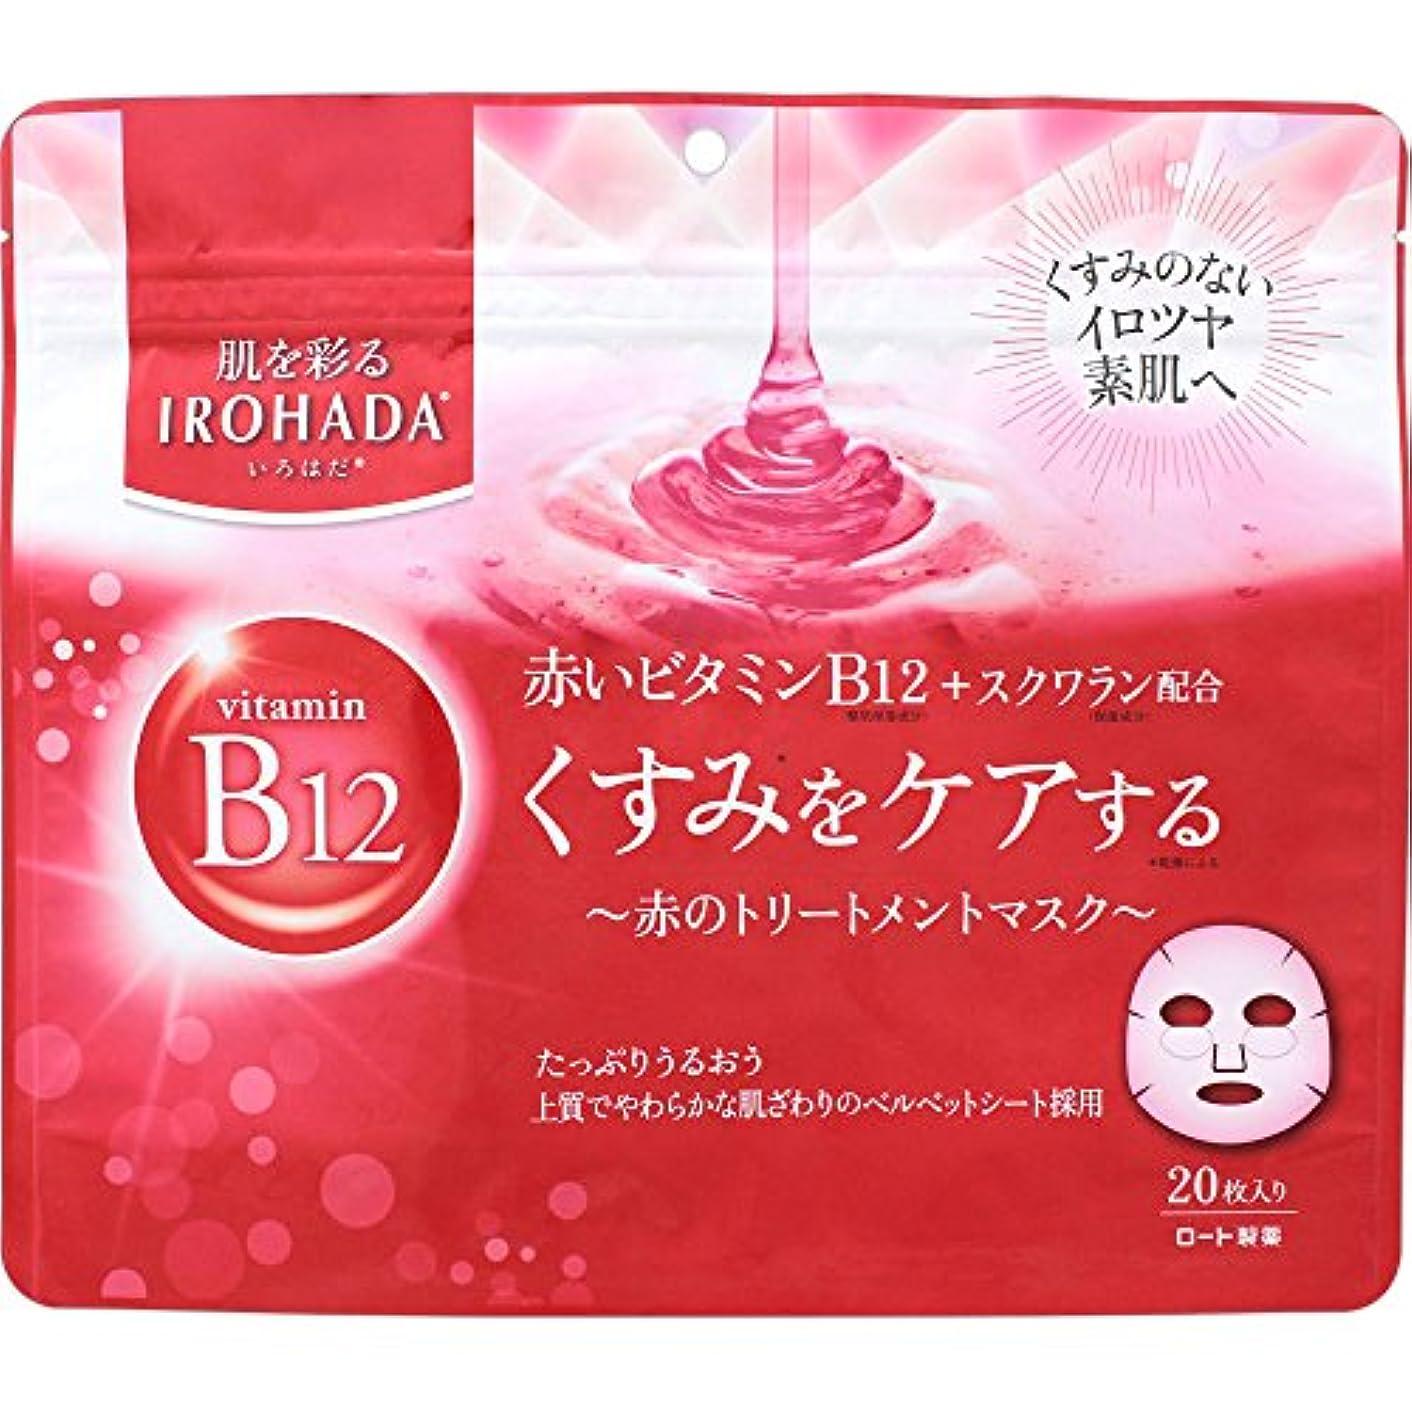 聖なるクリック手術ロート製薬 いろはだ (IROHADA) 赤いビタミンB12×スクワラン配合 トリートメントマスク 20枚入り